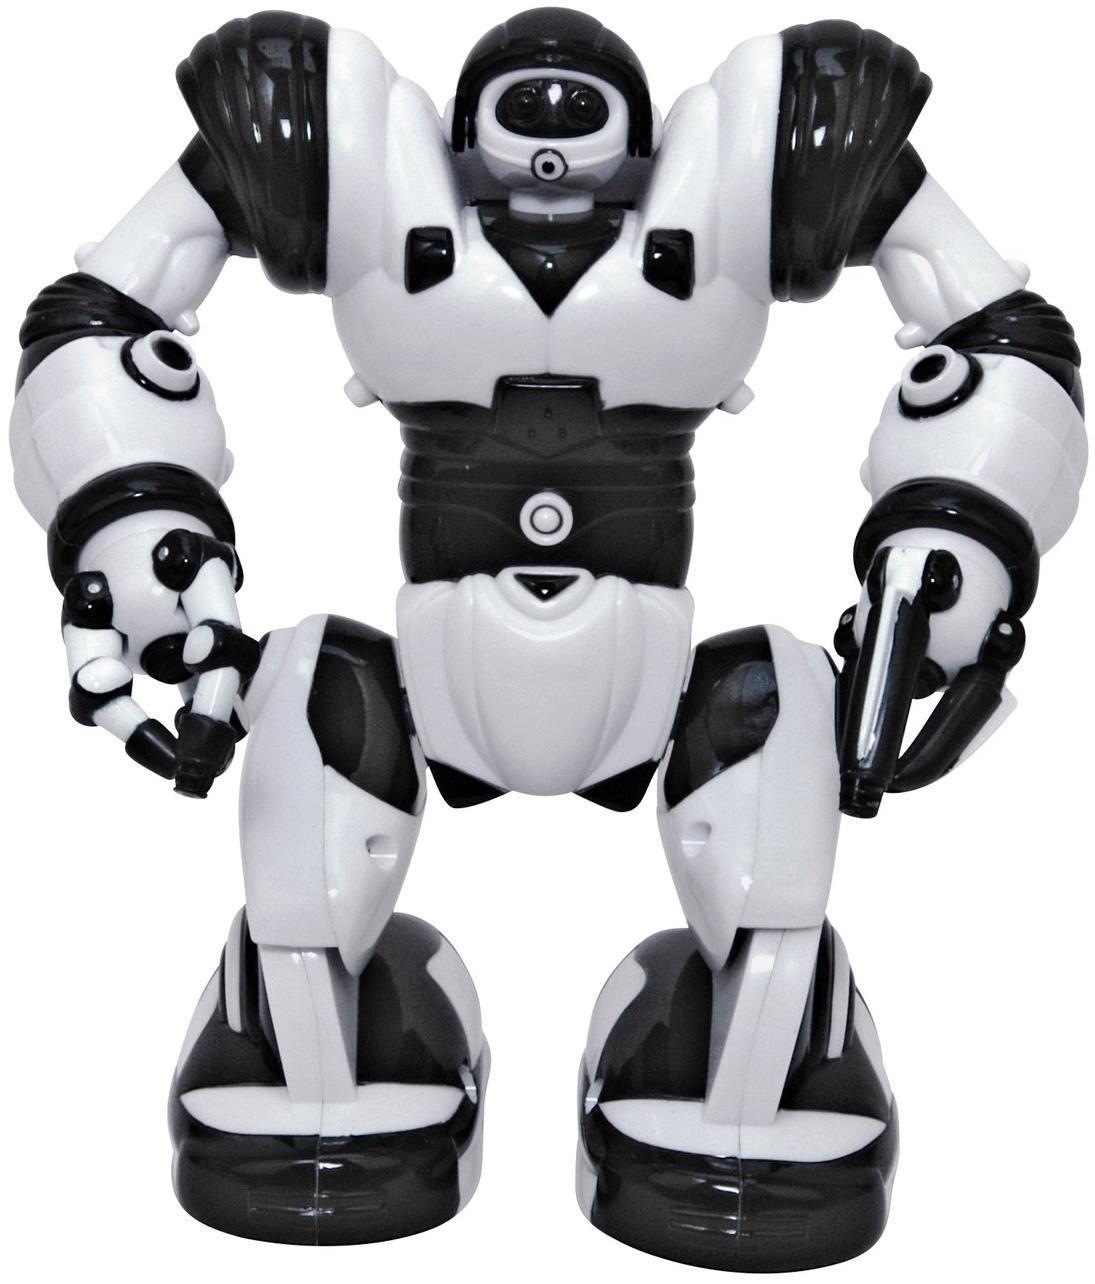 Купить WOWWEE Мини Робот - 8085 - интерактивная игрушка, Китай